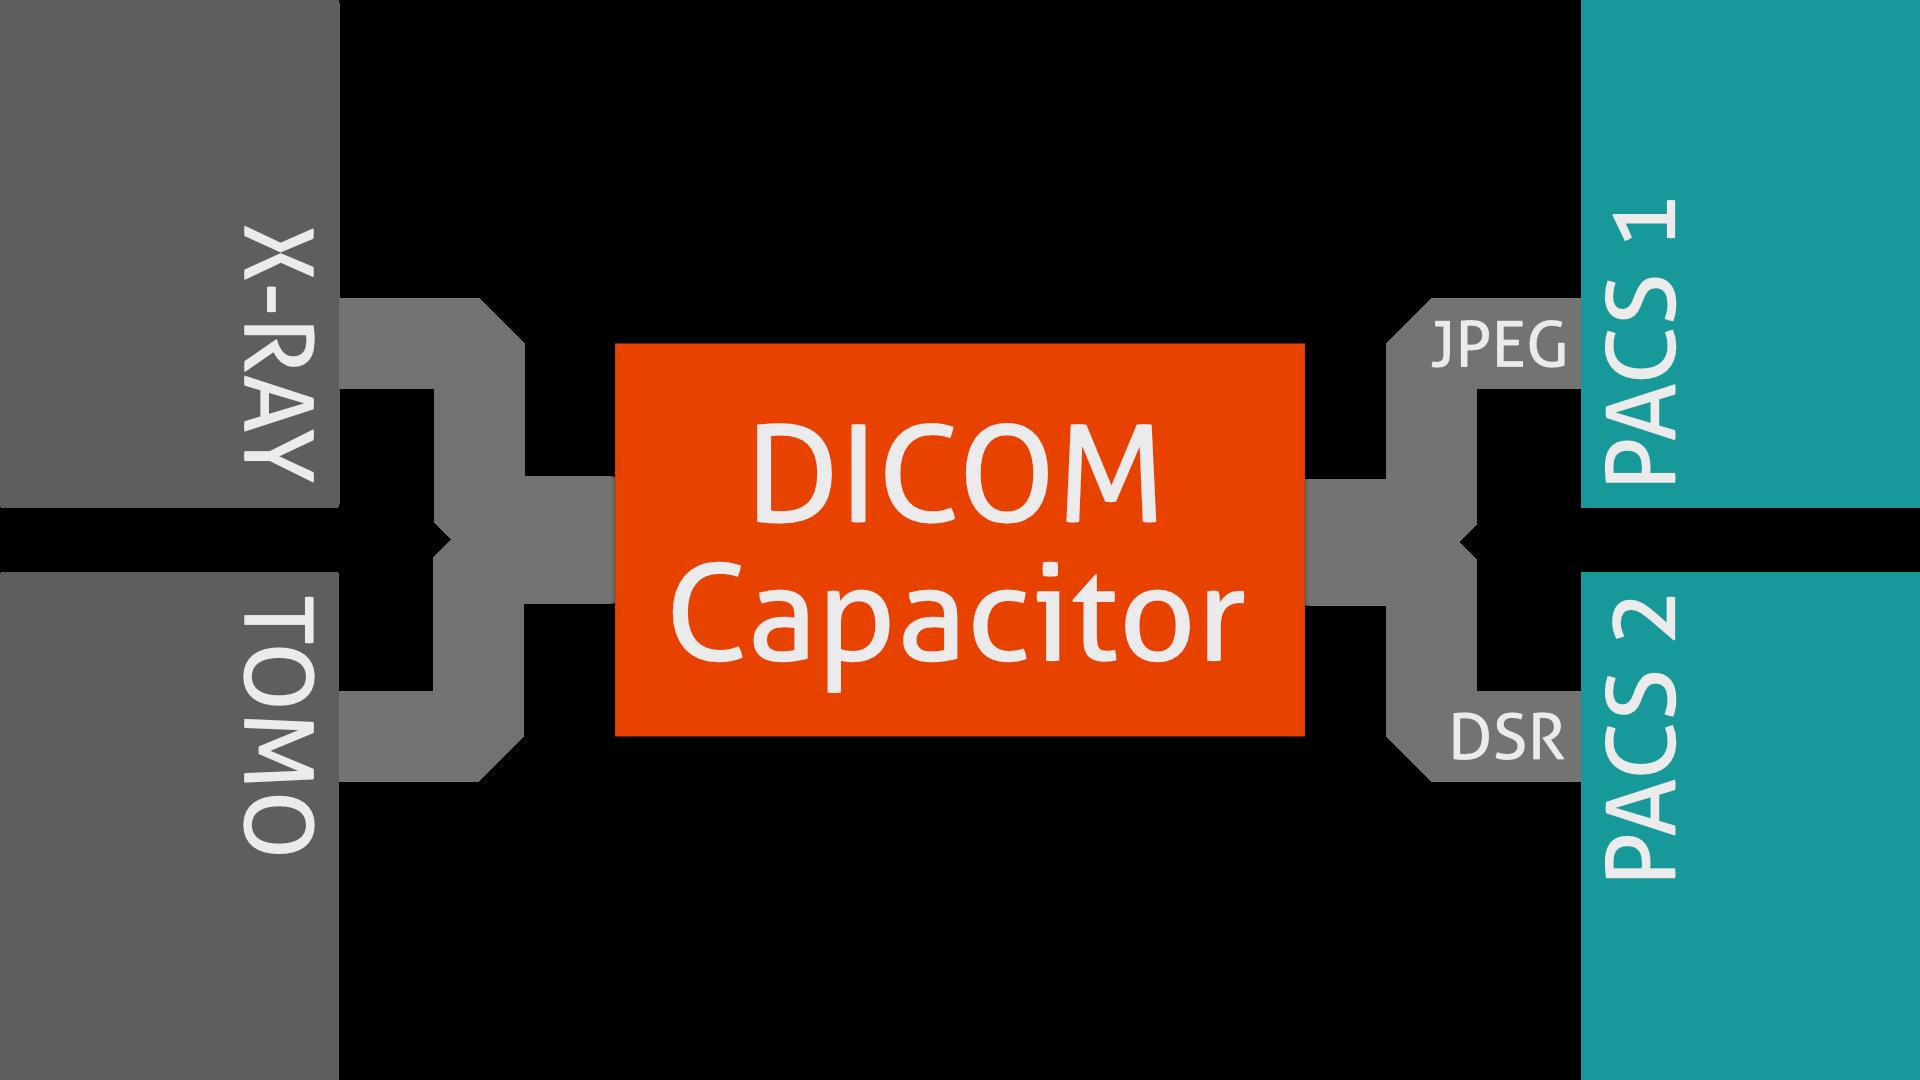 DICOM Capacitor